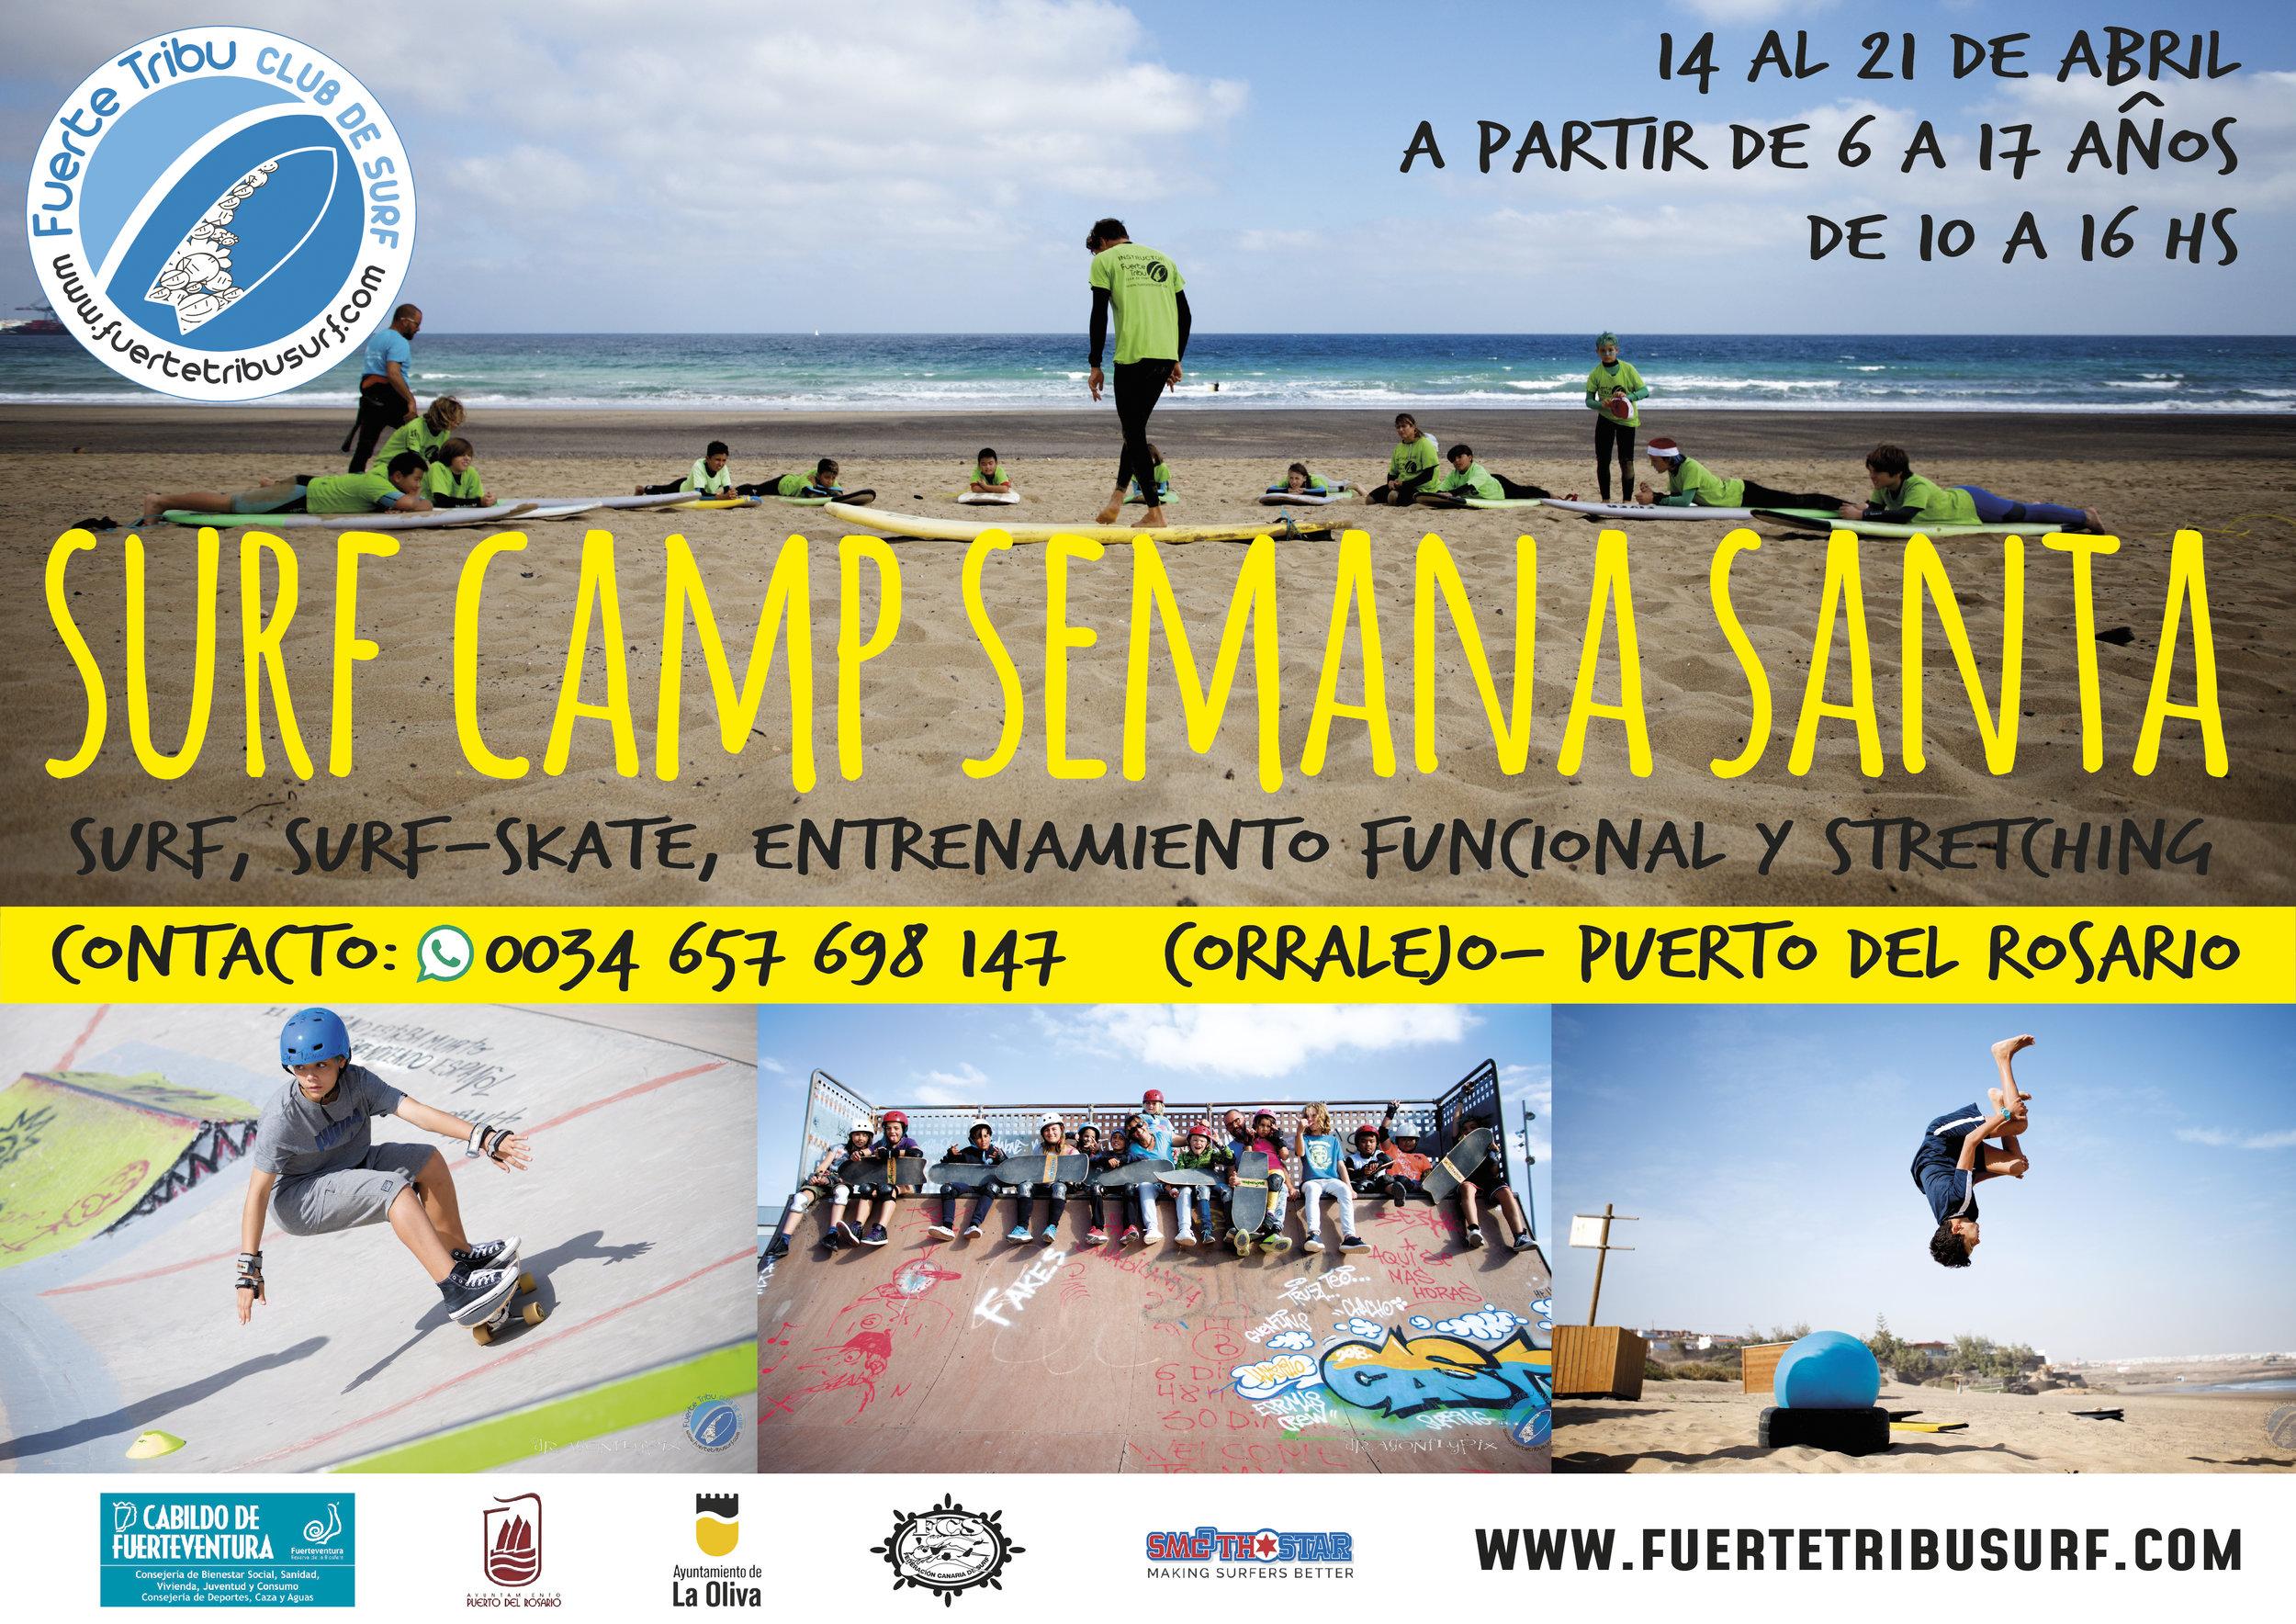 SURF CAMP SEMANA SANTA19